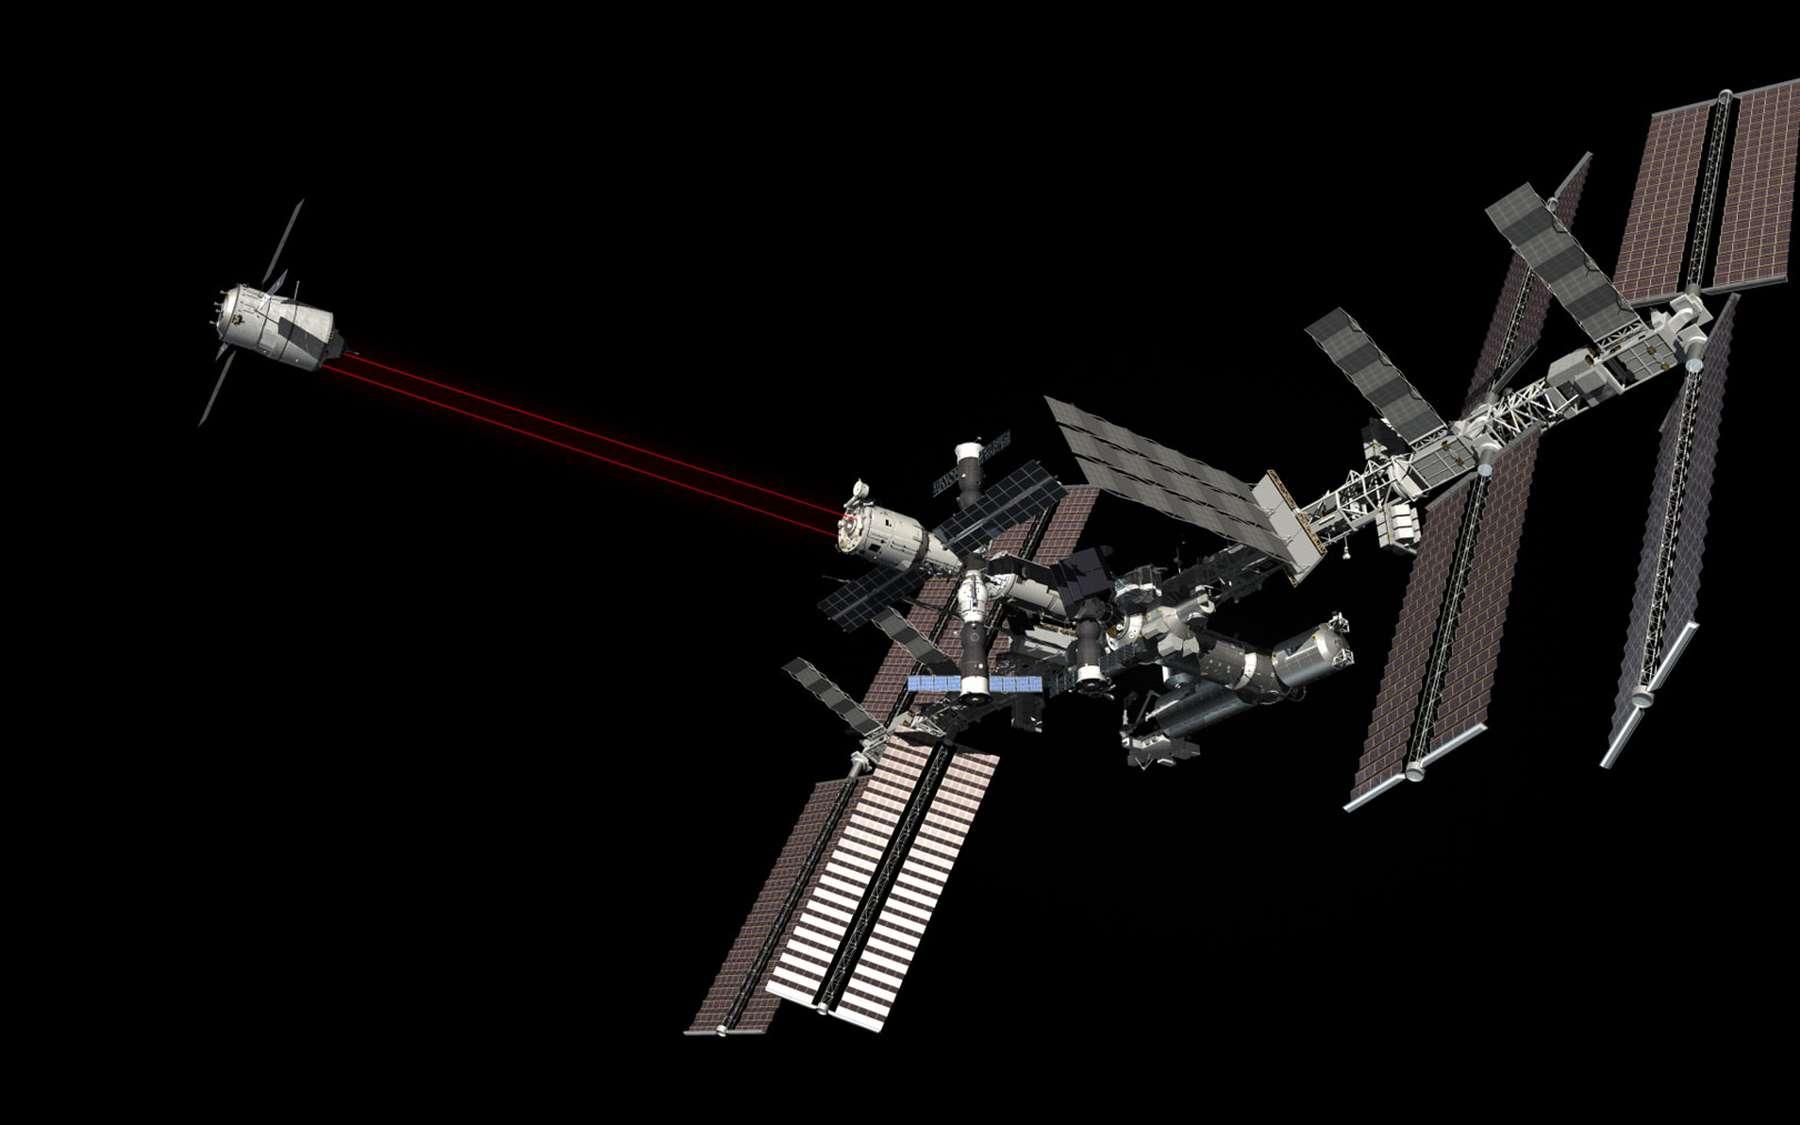 Cinquième et dernière mission de ravitaillement d'ISS par un ATV de l'Agence spatiale européenne. Avec Columbus et après celles de mars 2008, février 2011, mars 2012 et juin 2013, ces cinq missions représentent la contribution annuelle dont l'Esa doit s'acquitter pour l'utilisation de la Station spatiale (150 millions de dollars). © Esa, Nasa